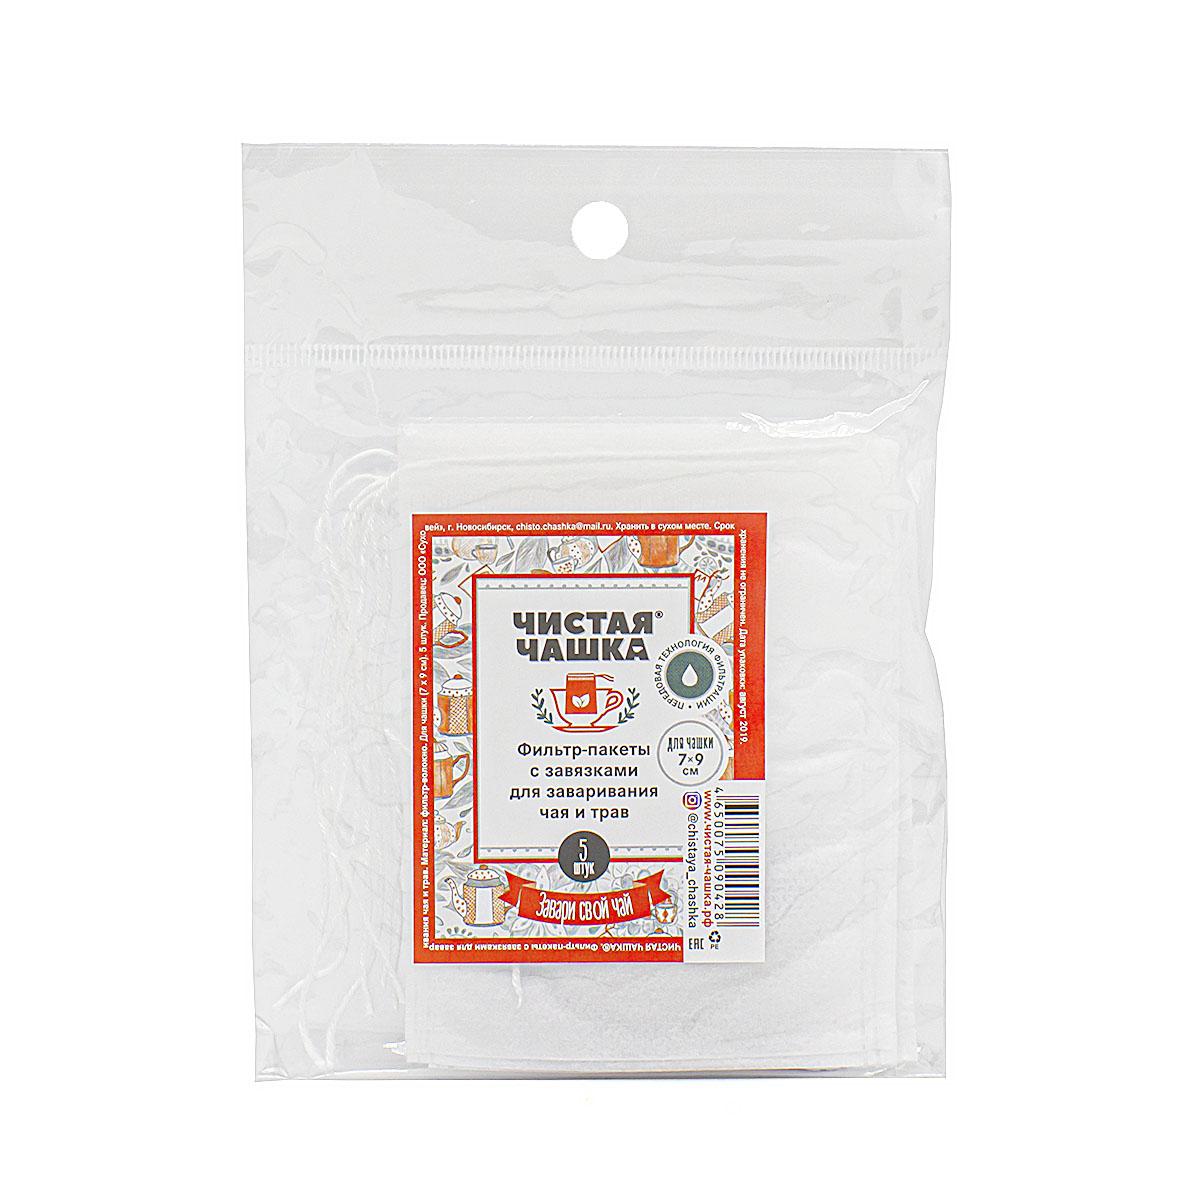 Фильтр-пакеты для заваривания чая и трав Чистая чашка, 7х9 см, 5 шт фильтр пакеты чистая чашка для заваривания чая и трав в кружке 5 штук